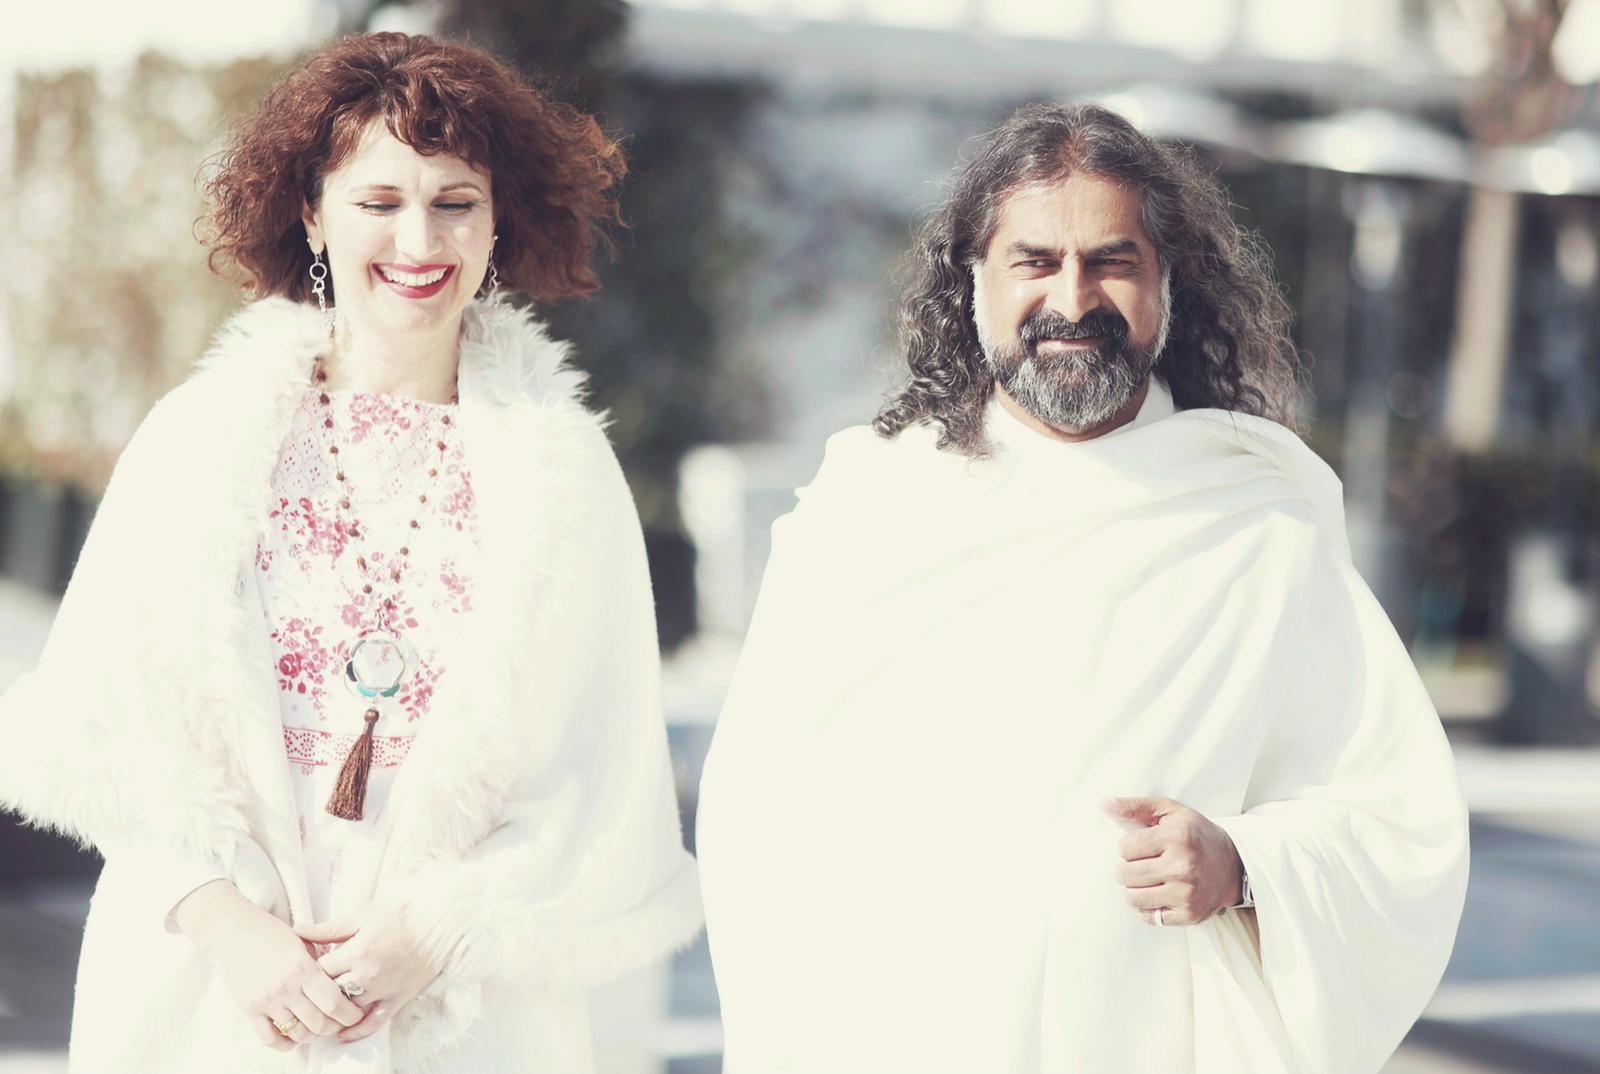 Mohanji walking with Devi Mohan